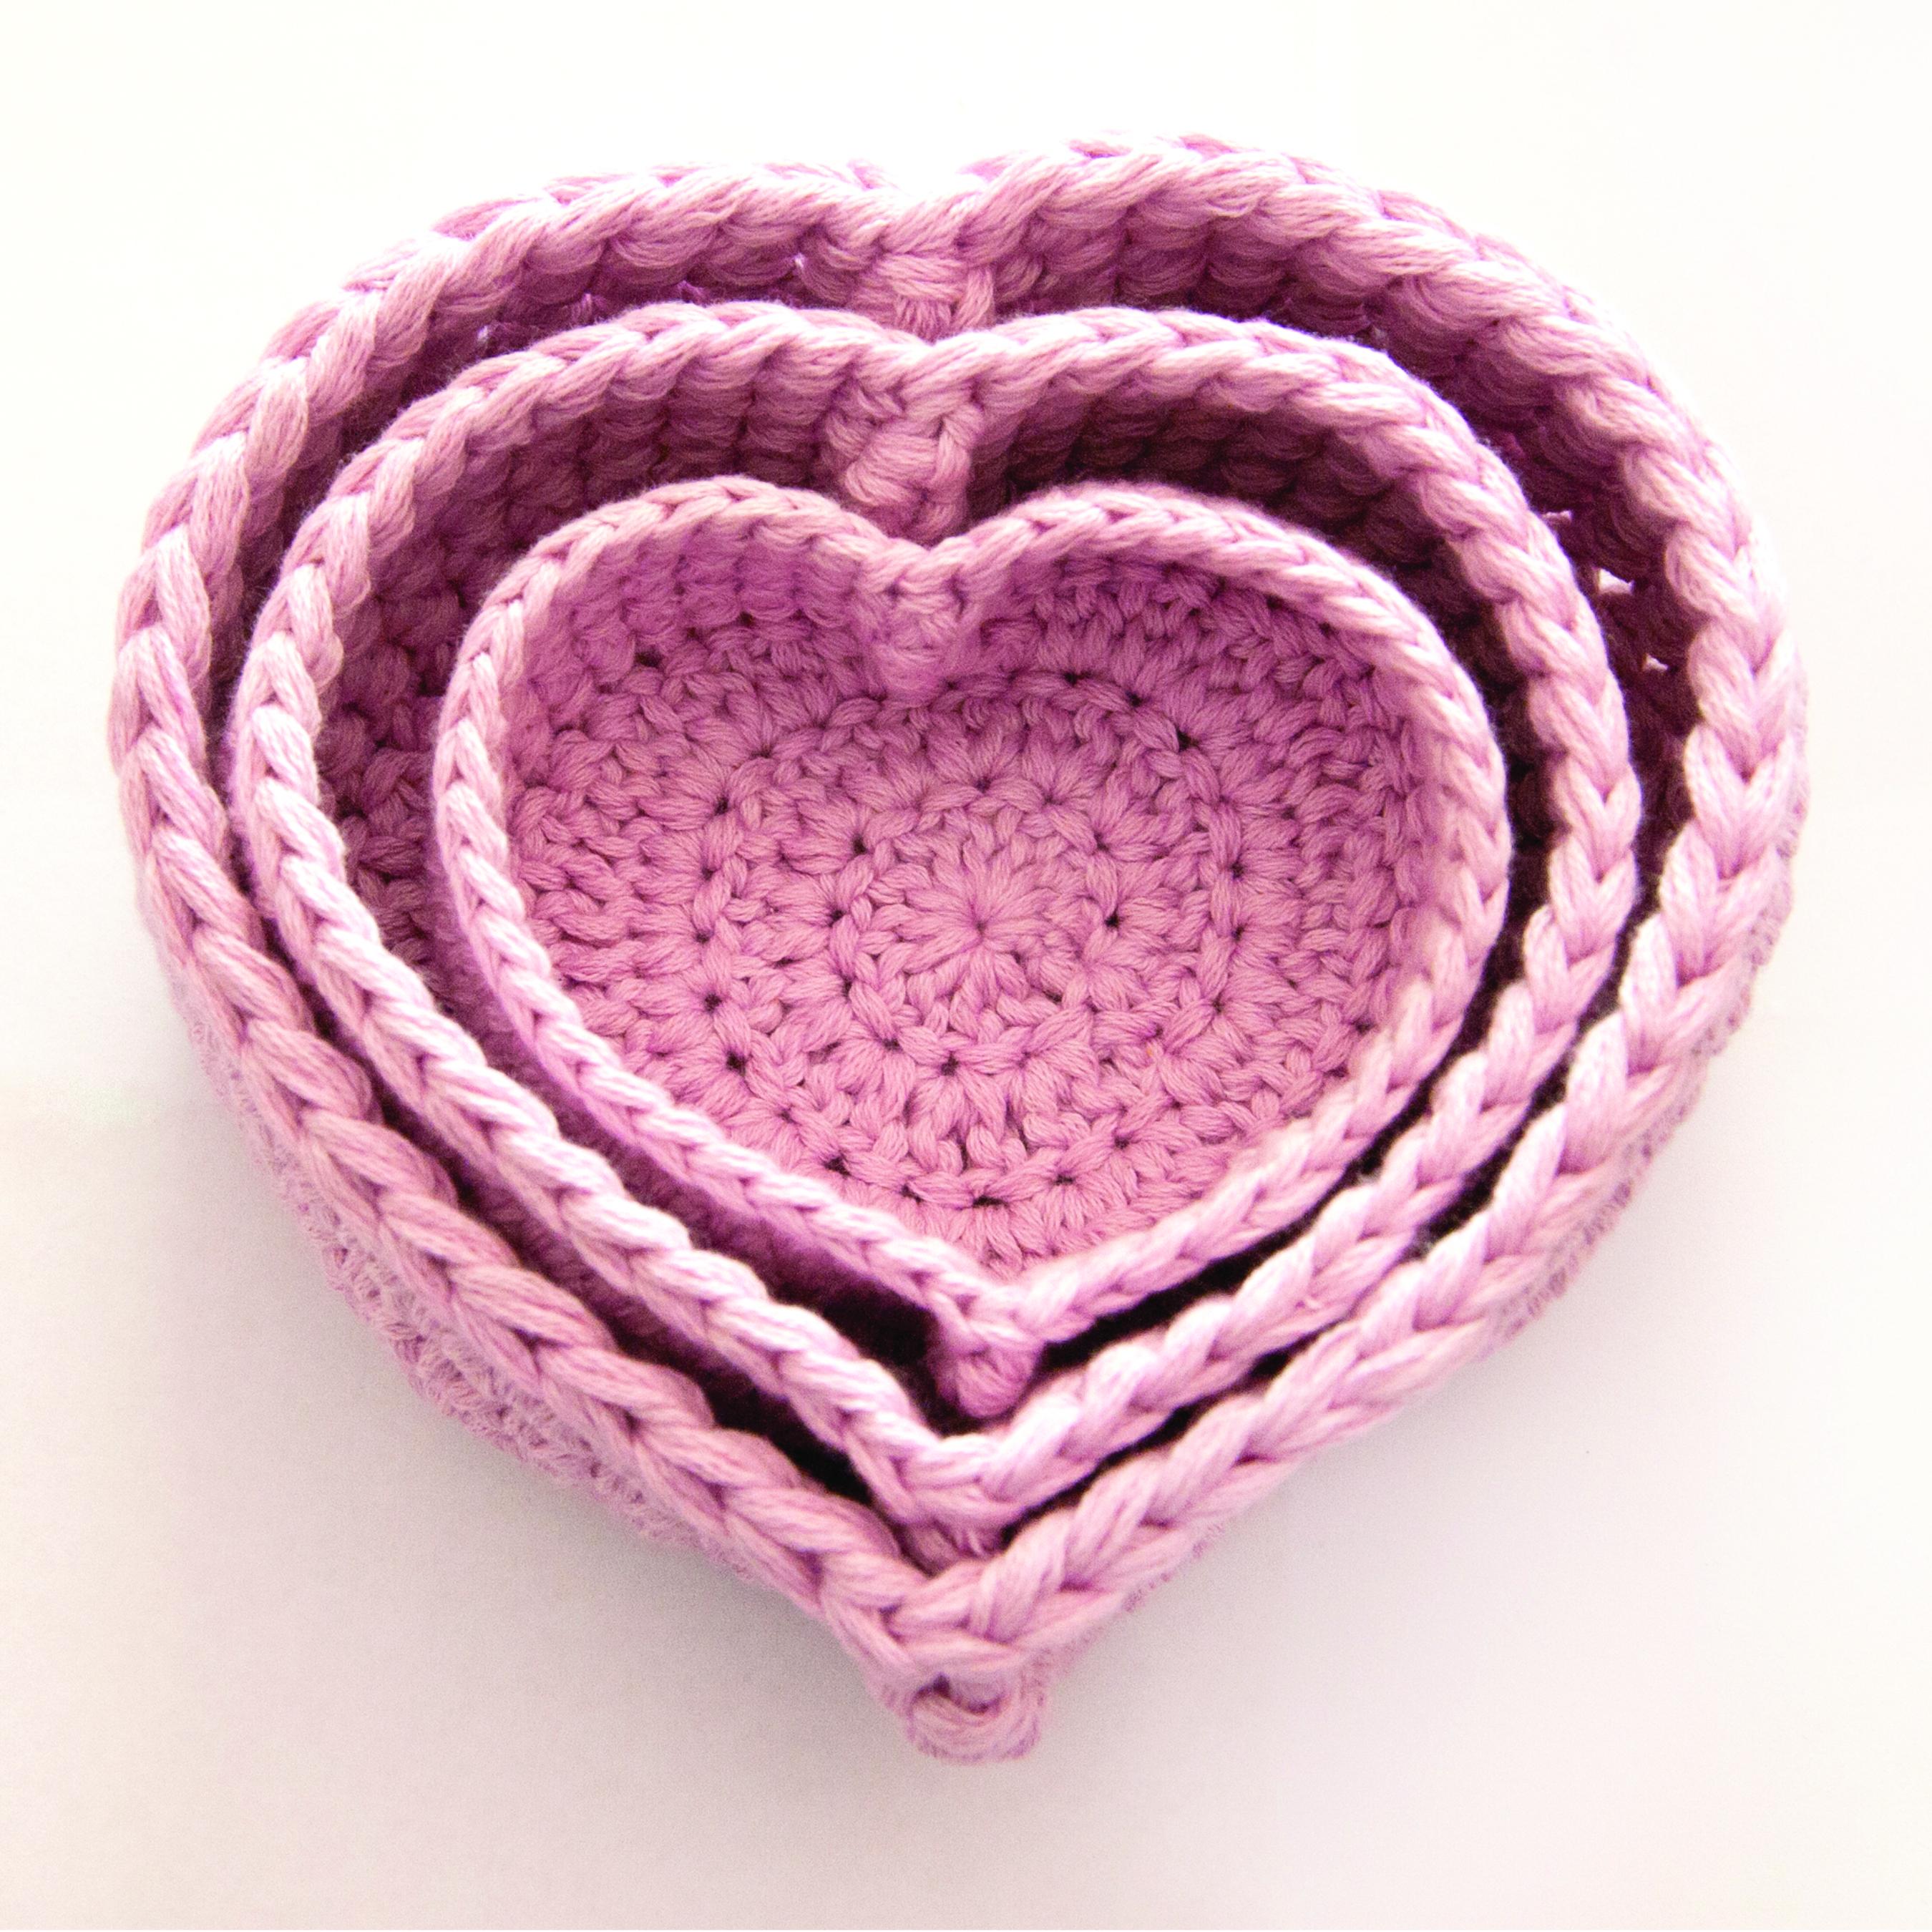 Trio of Heart Nesting Baskets